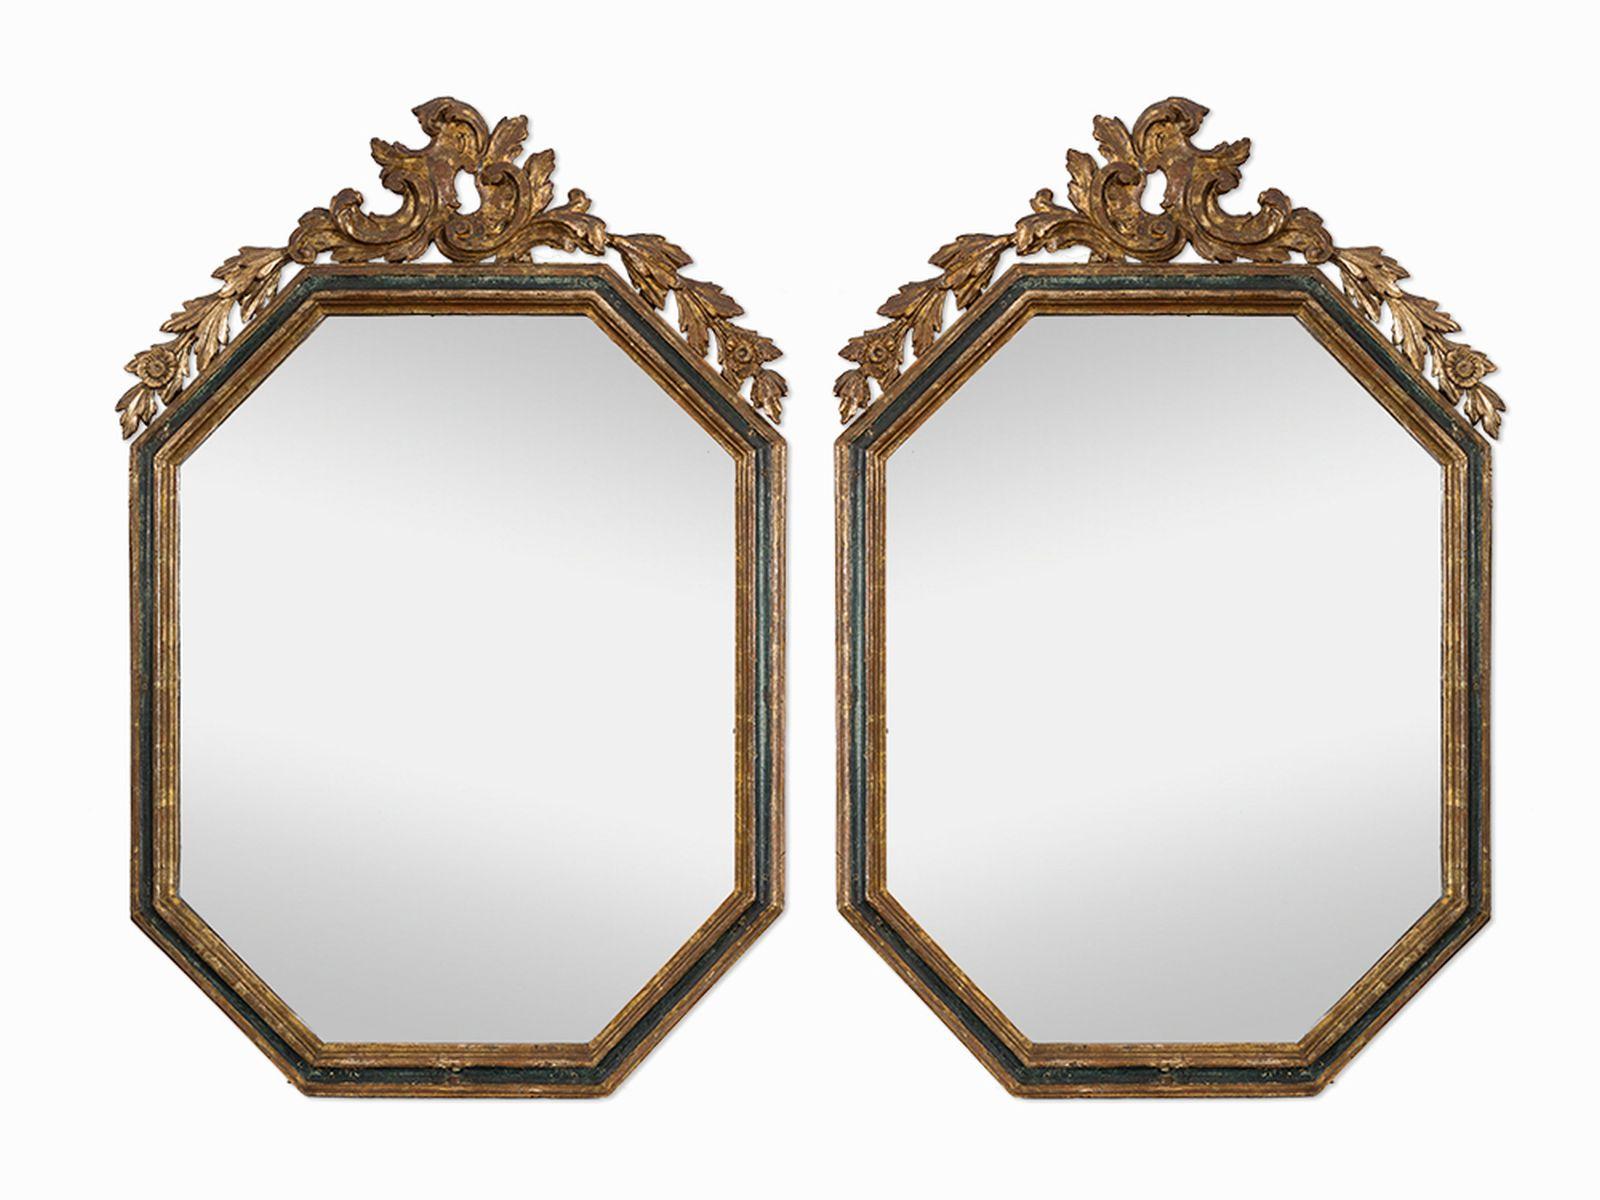 #168 Paar Wandspiegel, Spanien, 18. Jh. | Paar Wandspiegel, Spanien, 18. Jh. Image